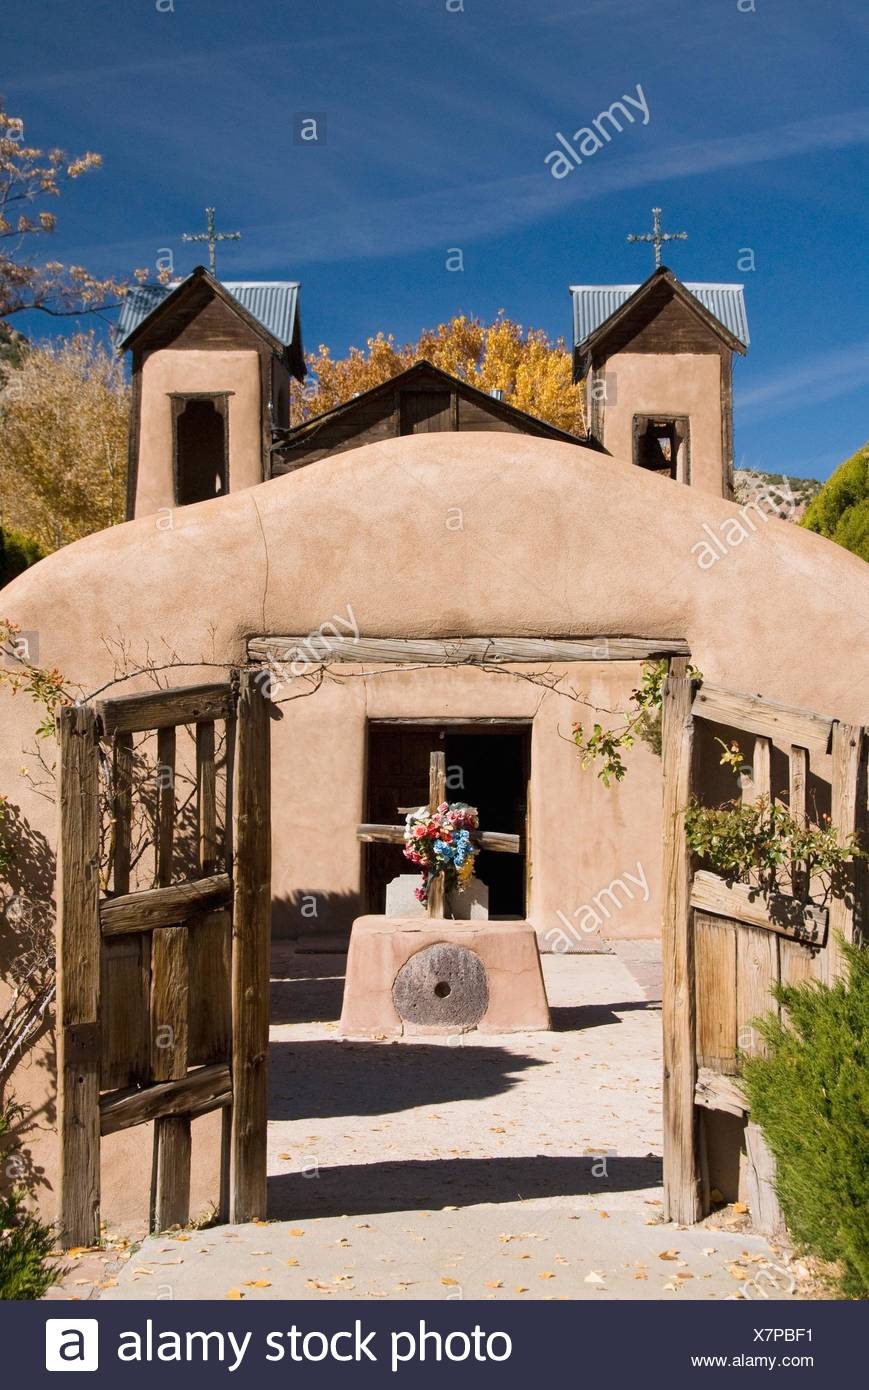 El Santuario de Chimayo, built in 1816, Chimayo, New Mexico, USA Stock Photo